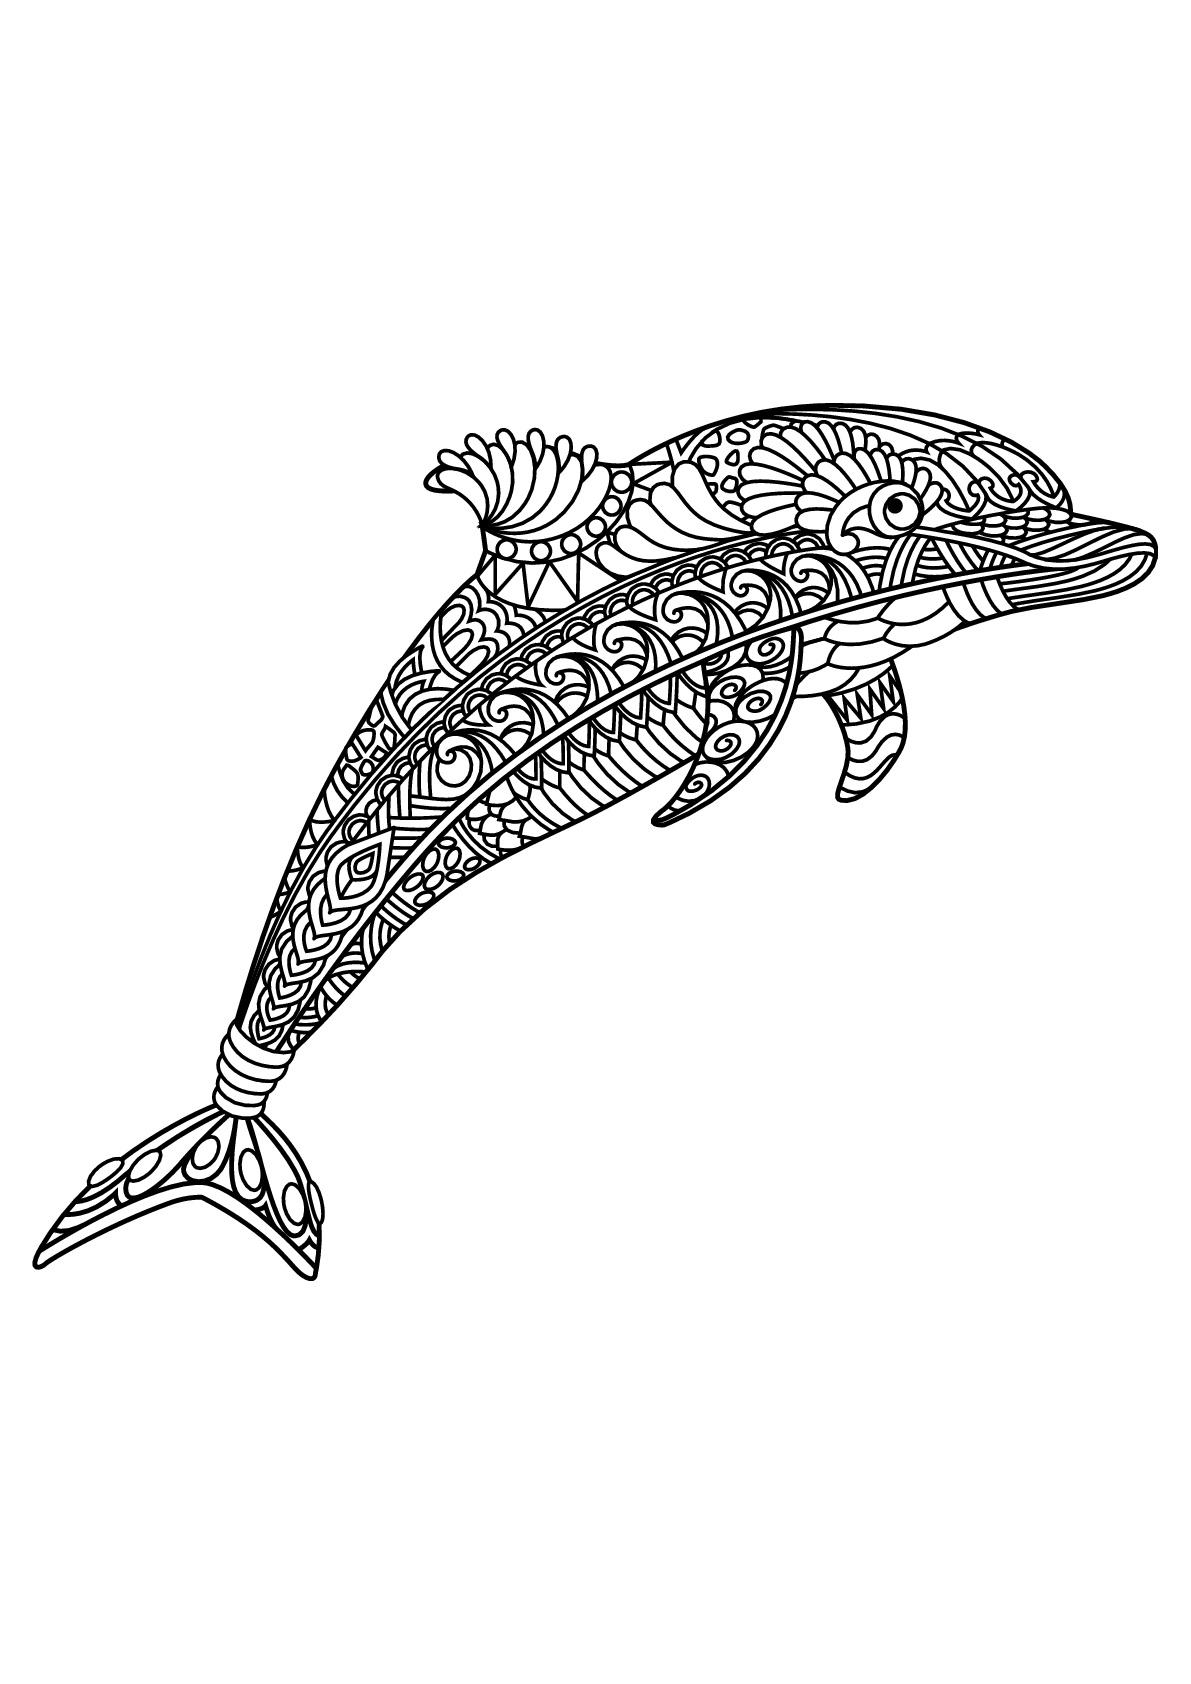 Delfines 4817 - Delfines - Colorear para Adultos